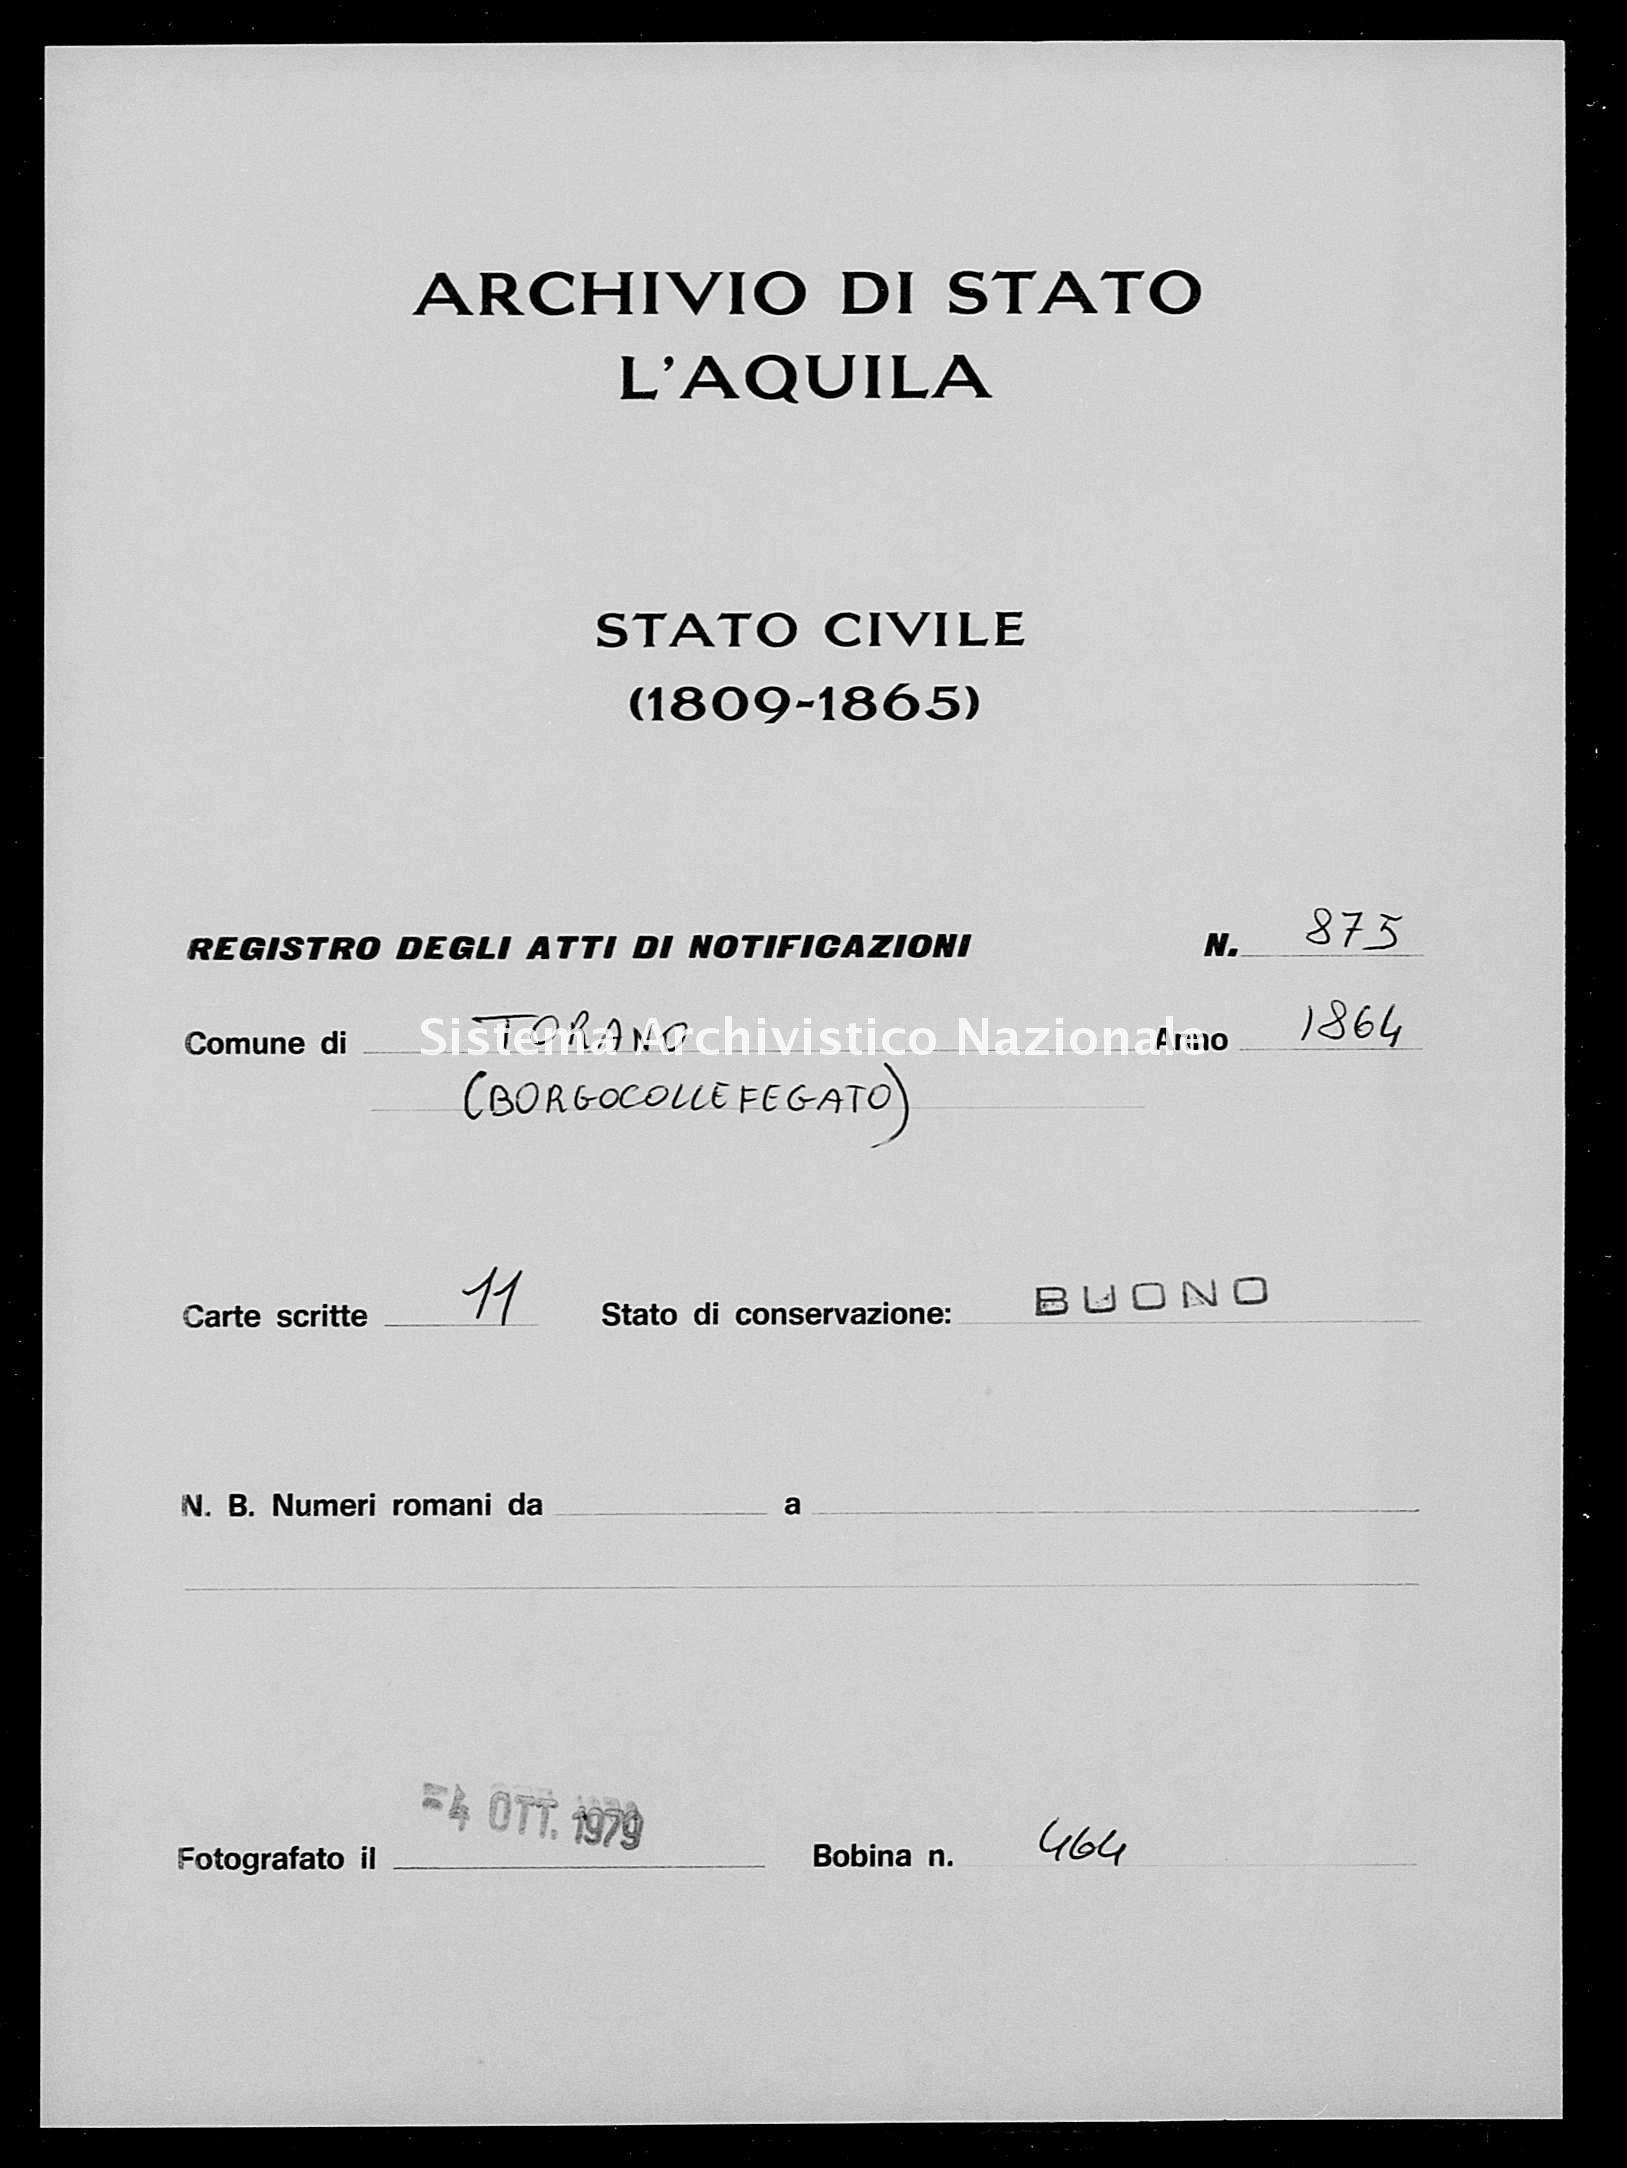 Archivio di stato di L'aquila - Stato civile italiano - Torano - Matrimoni, memorandum notificazioni ed opposizioni - 1864 - 875 -